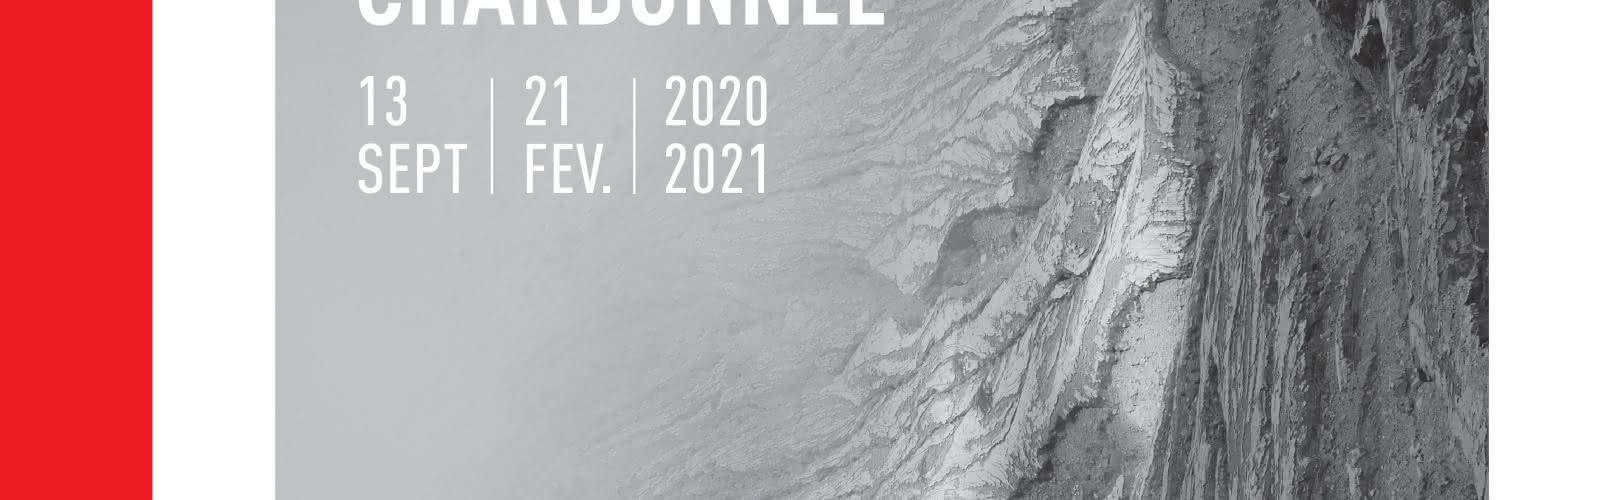 Affiche de l'exposition 'Geoscopia' de Charlotte Charbonnel